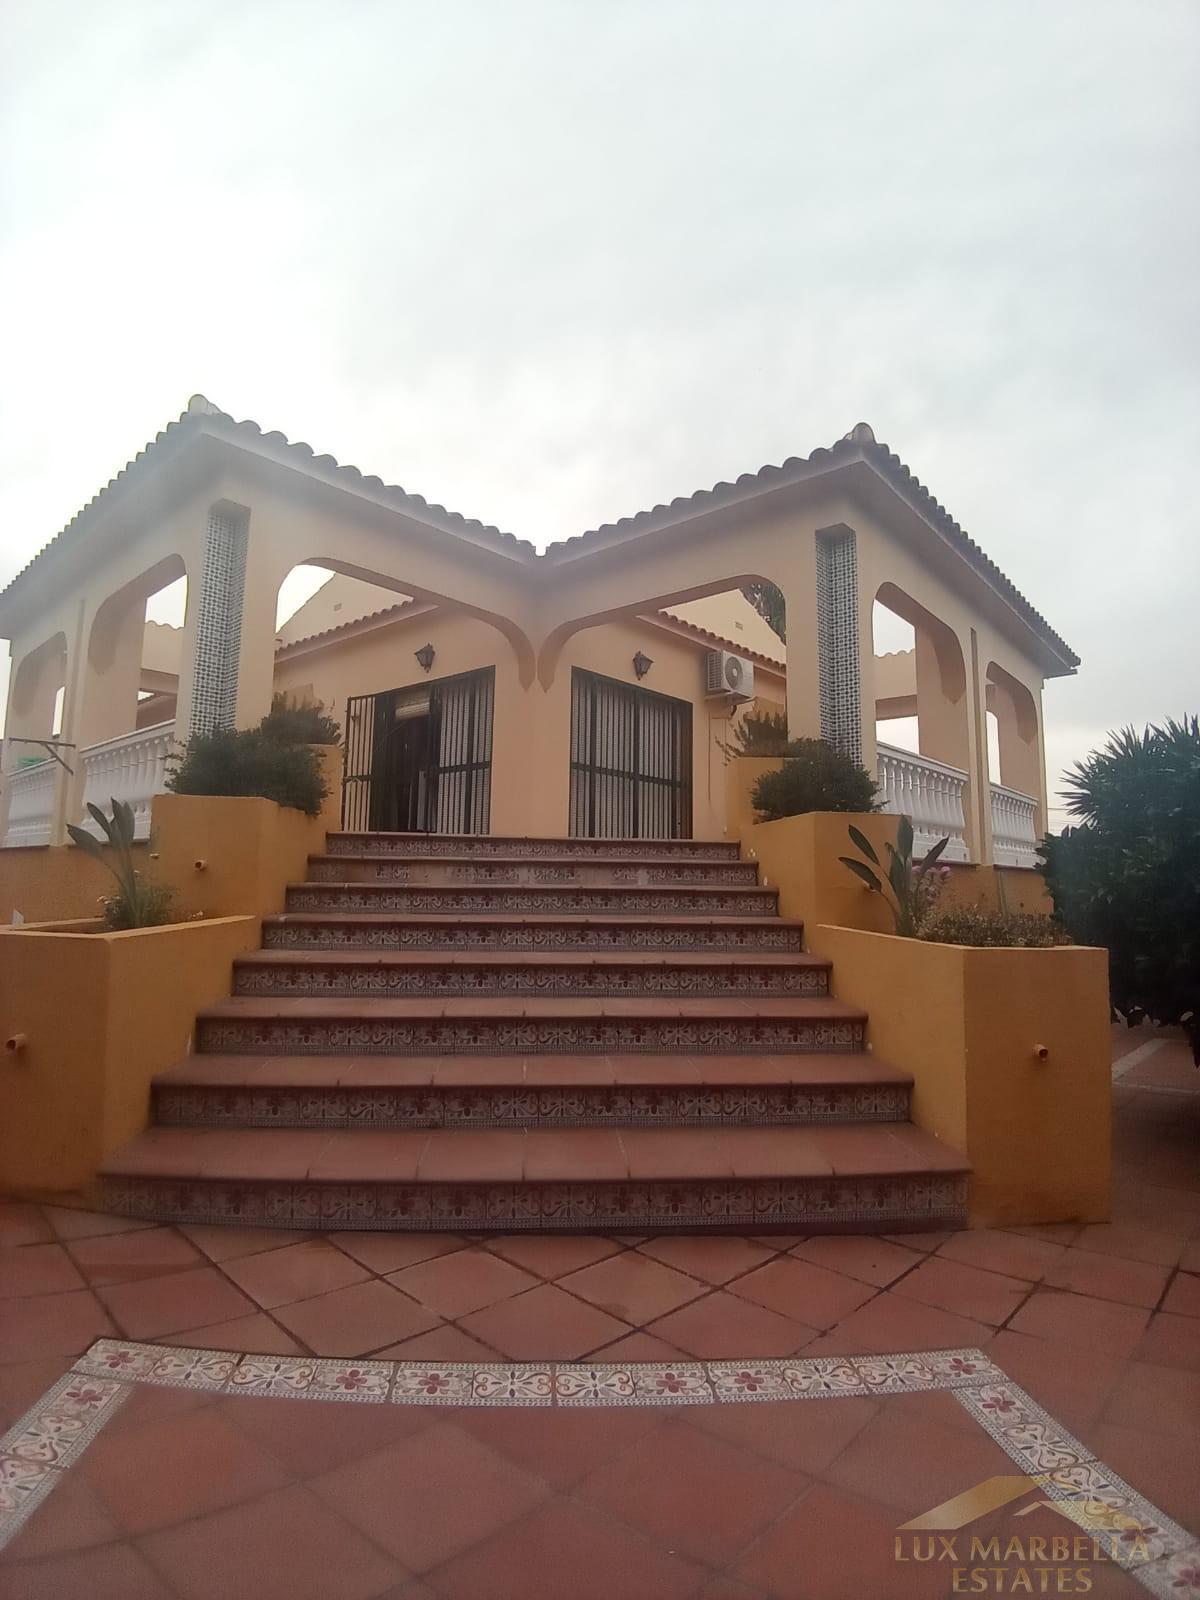 Verkoop van villa in Alhaurín de la Torre